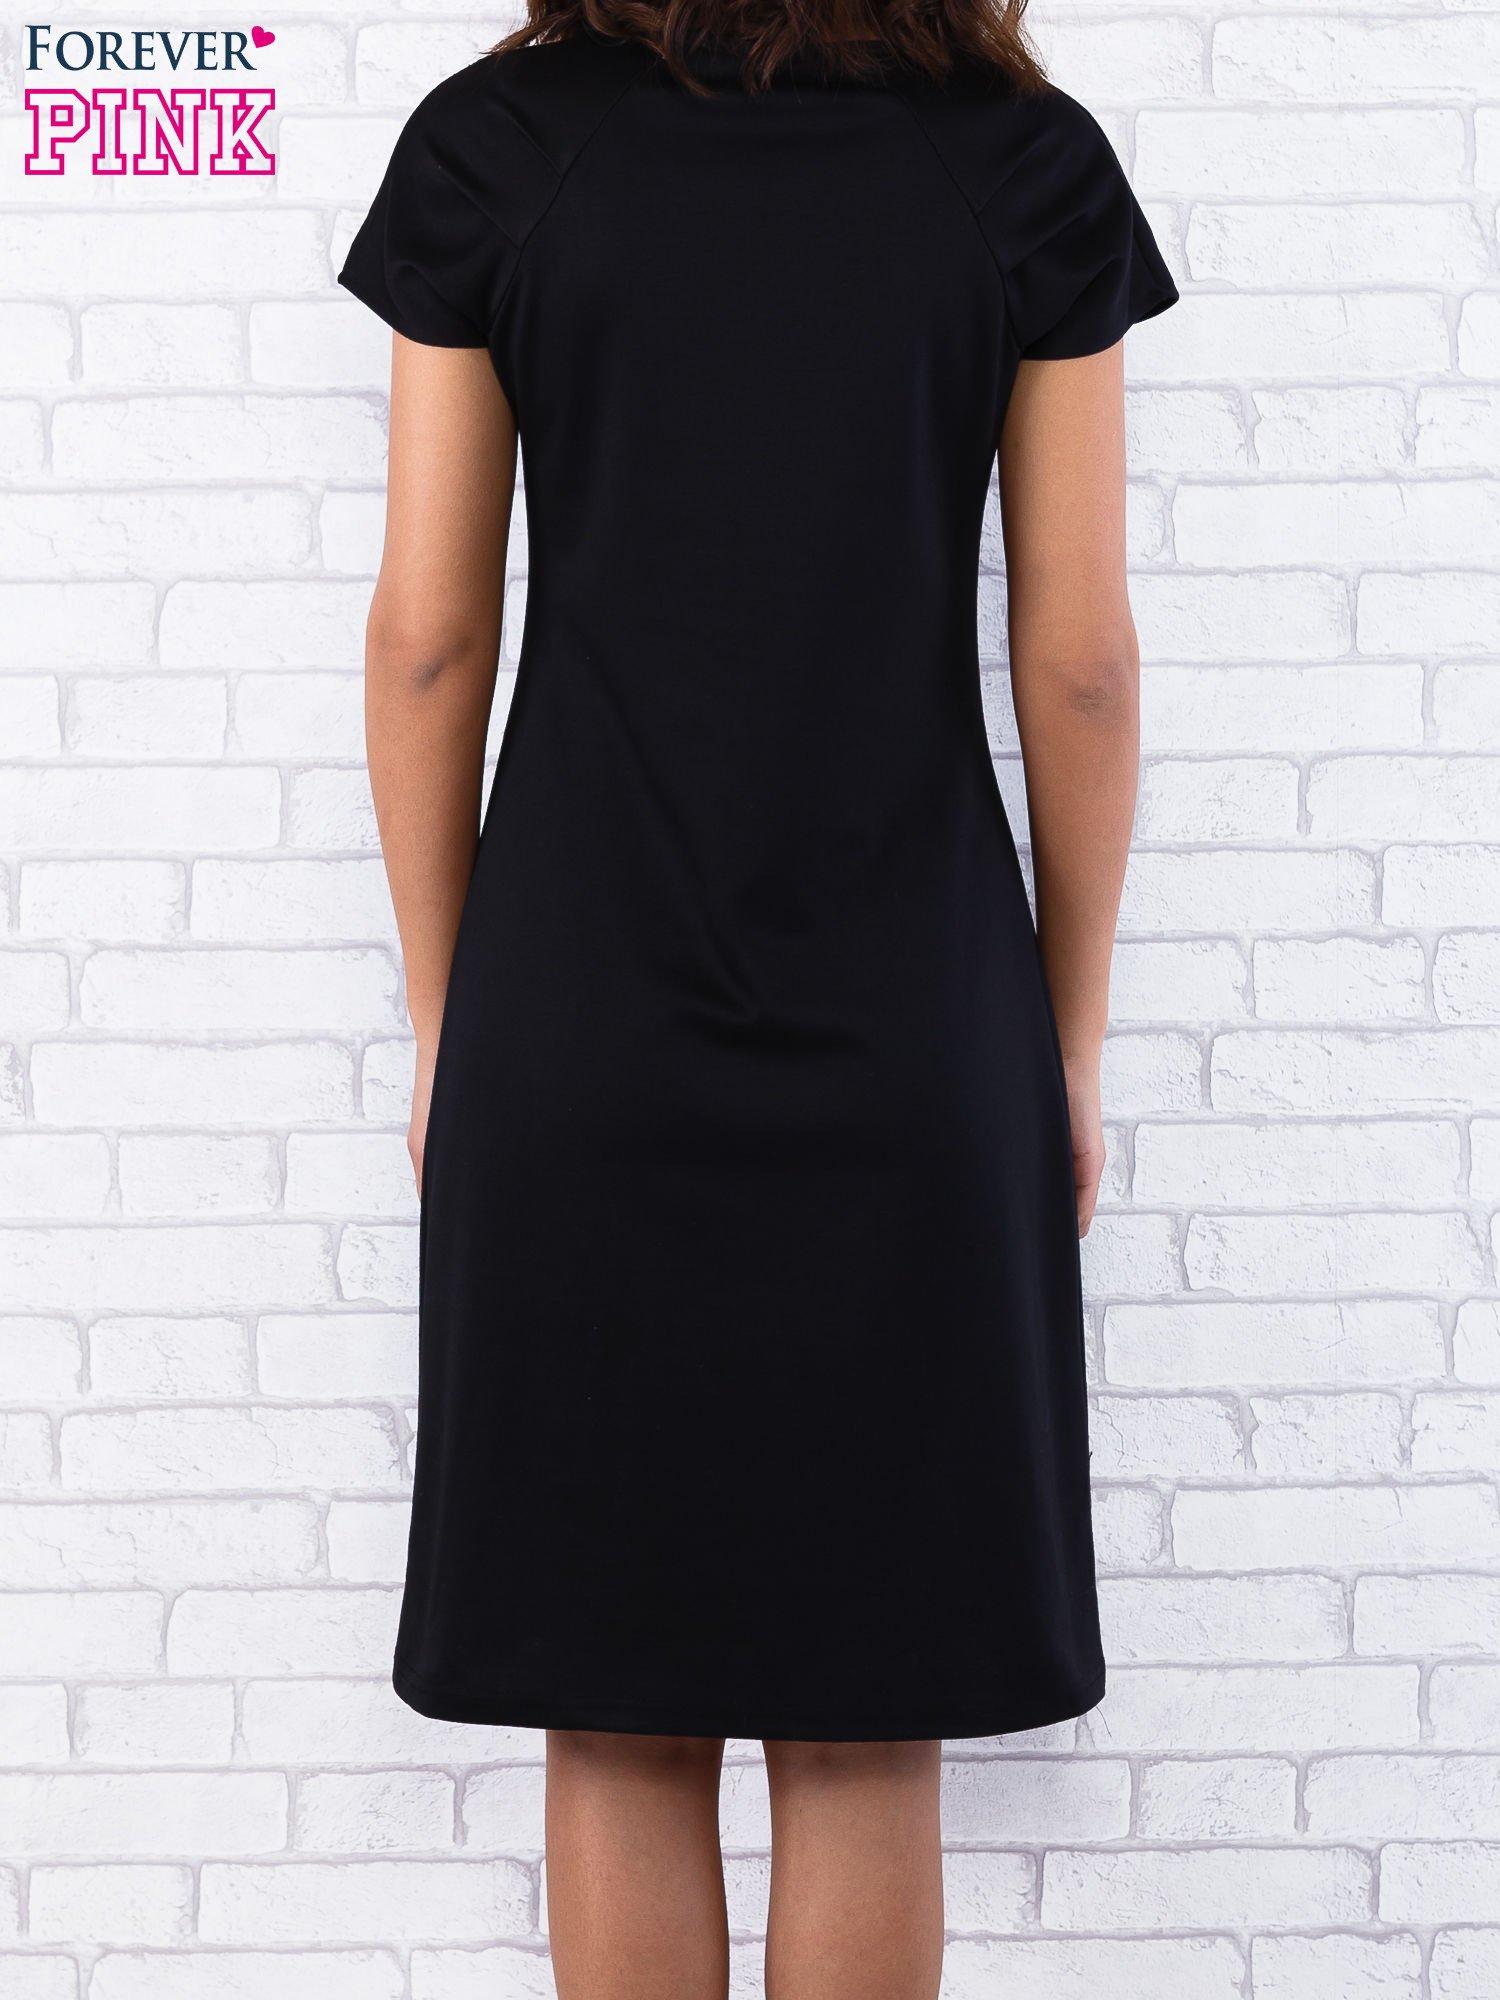 Czarna sukienka z cekinowym wykończeniem przy dekolcie                                  zdj.                                  3